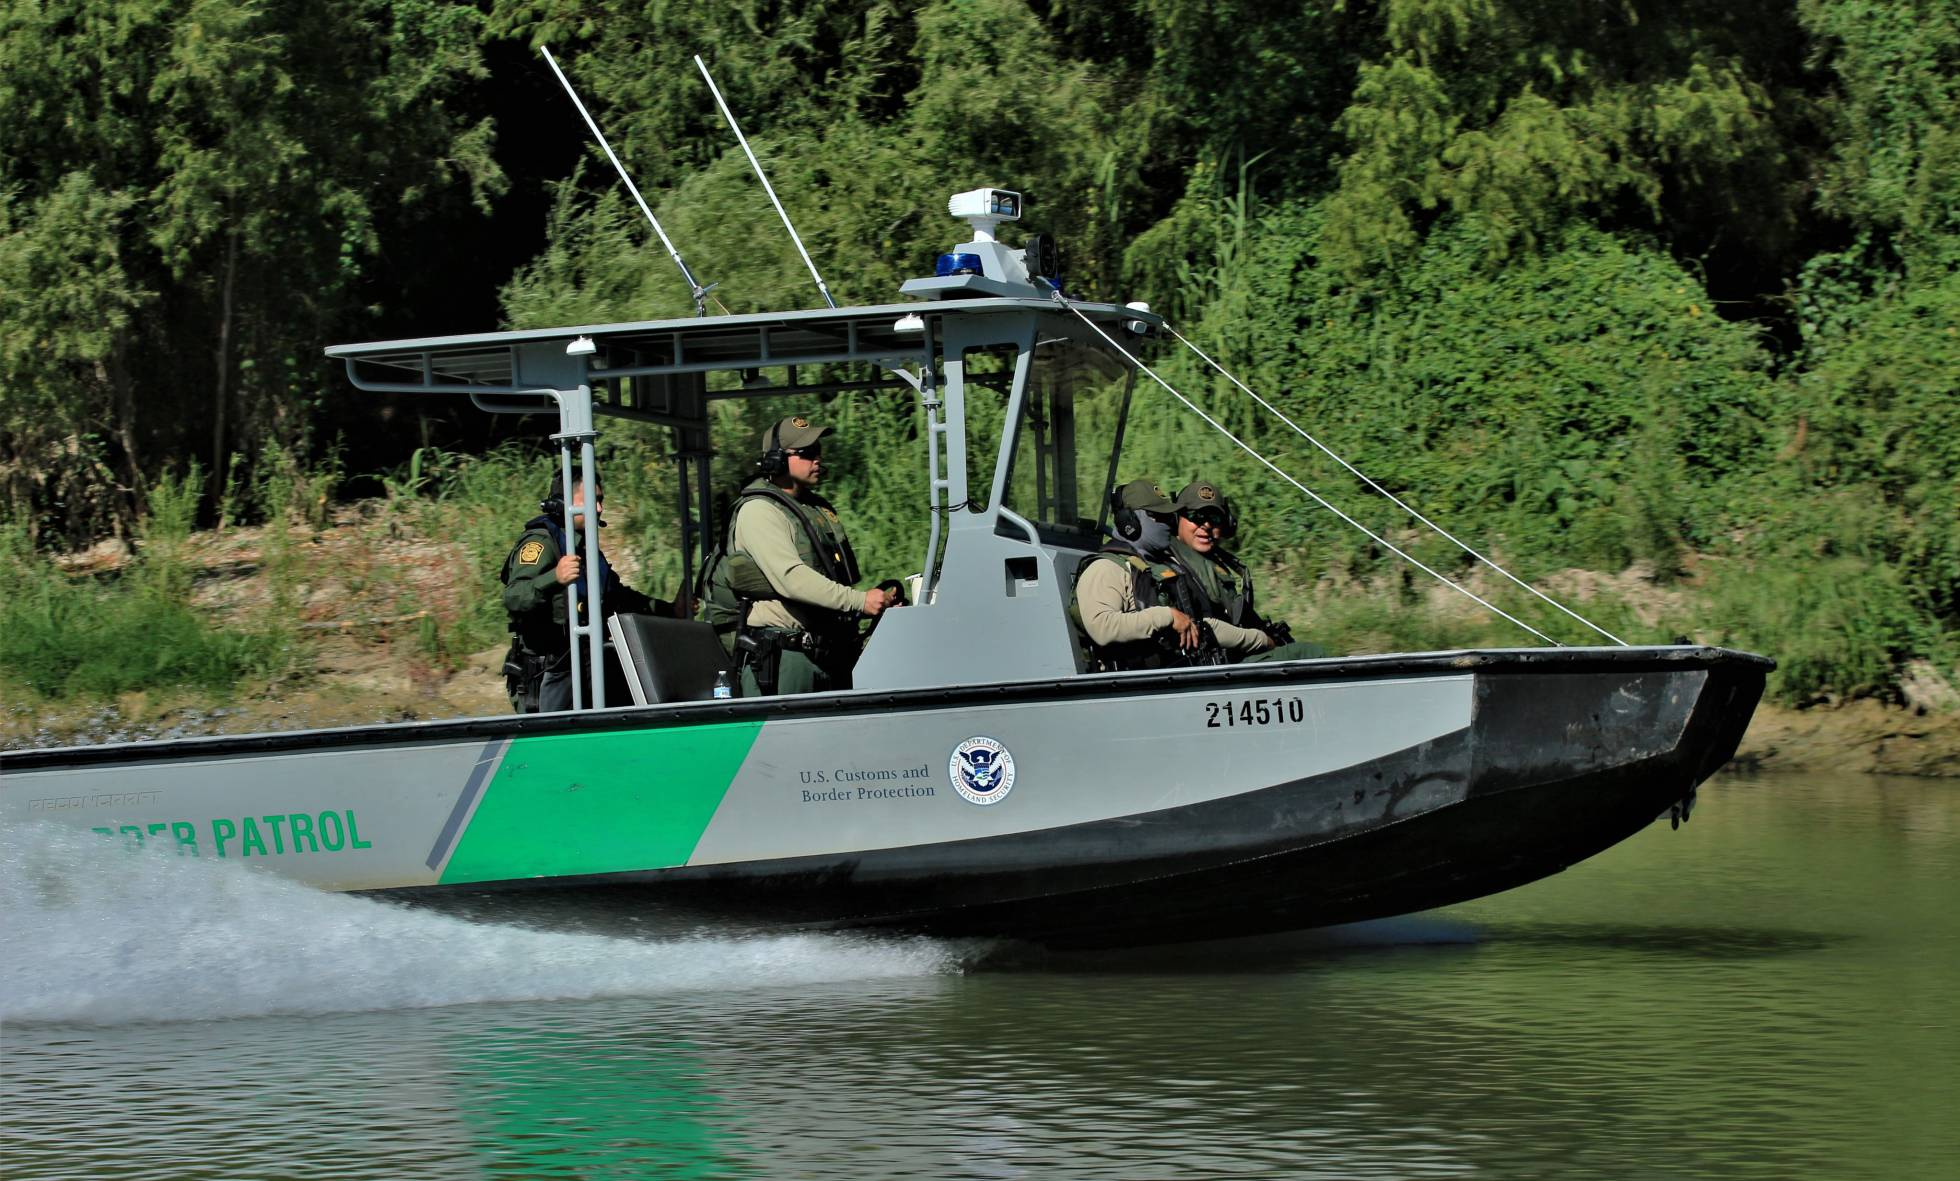 La patrulla fronteriza de Estados Unidos denuncia un ataque desde territorio mexicano